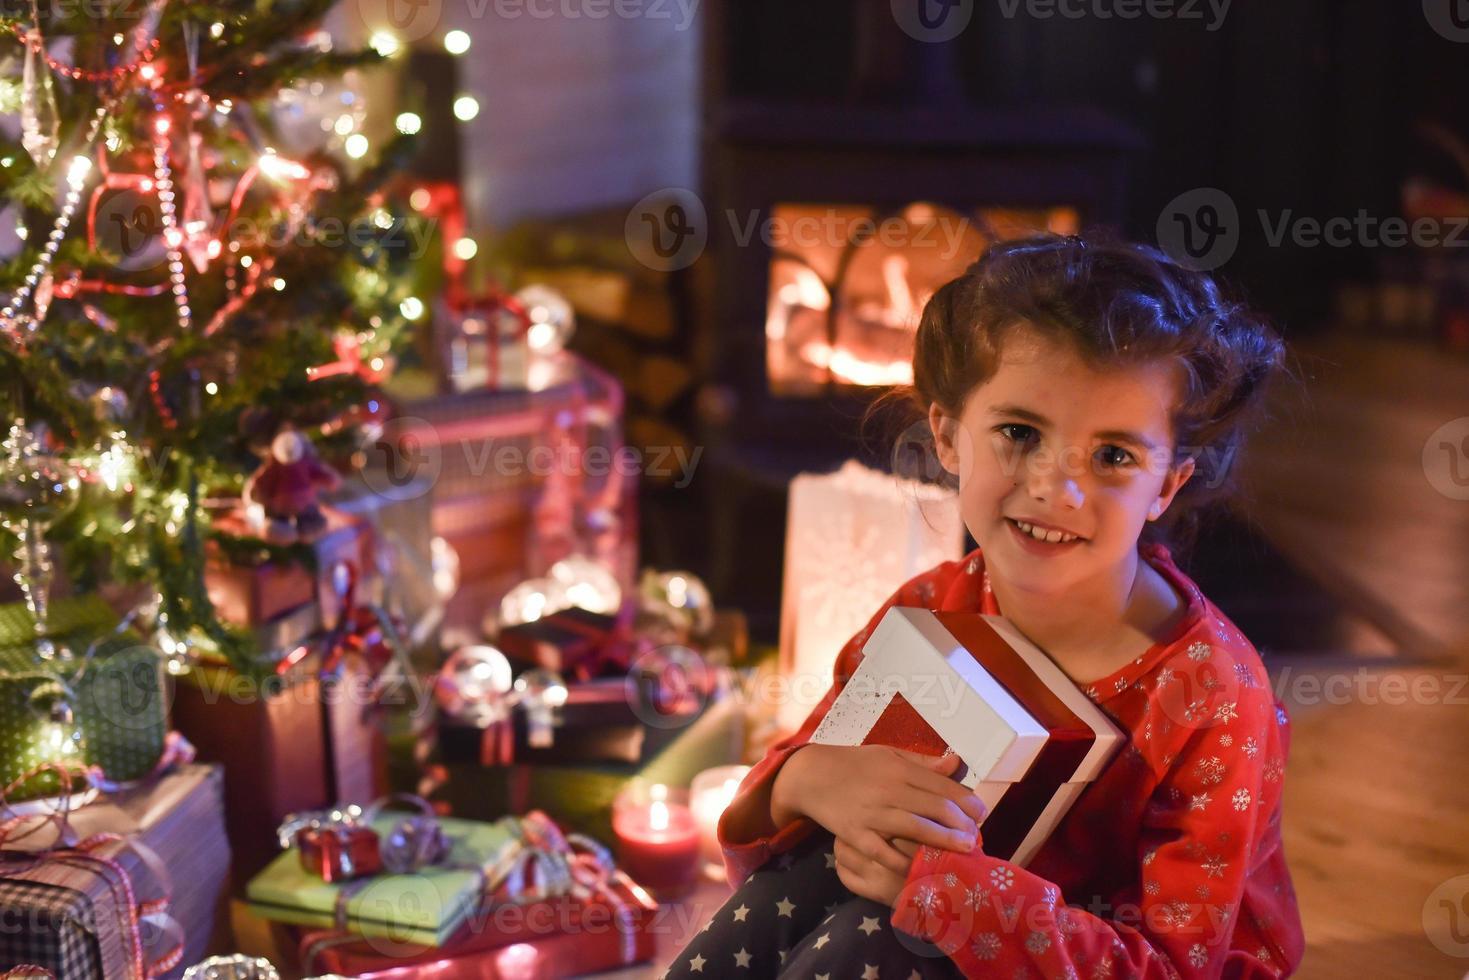 Weihnachtszeit, kleines Mädchen öffnet ein Geschenk in der Nähe von Baum beleuchtet foto